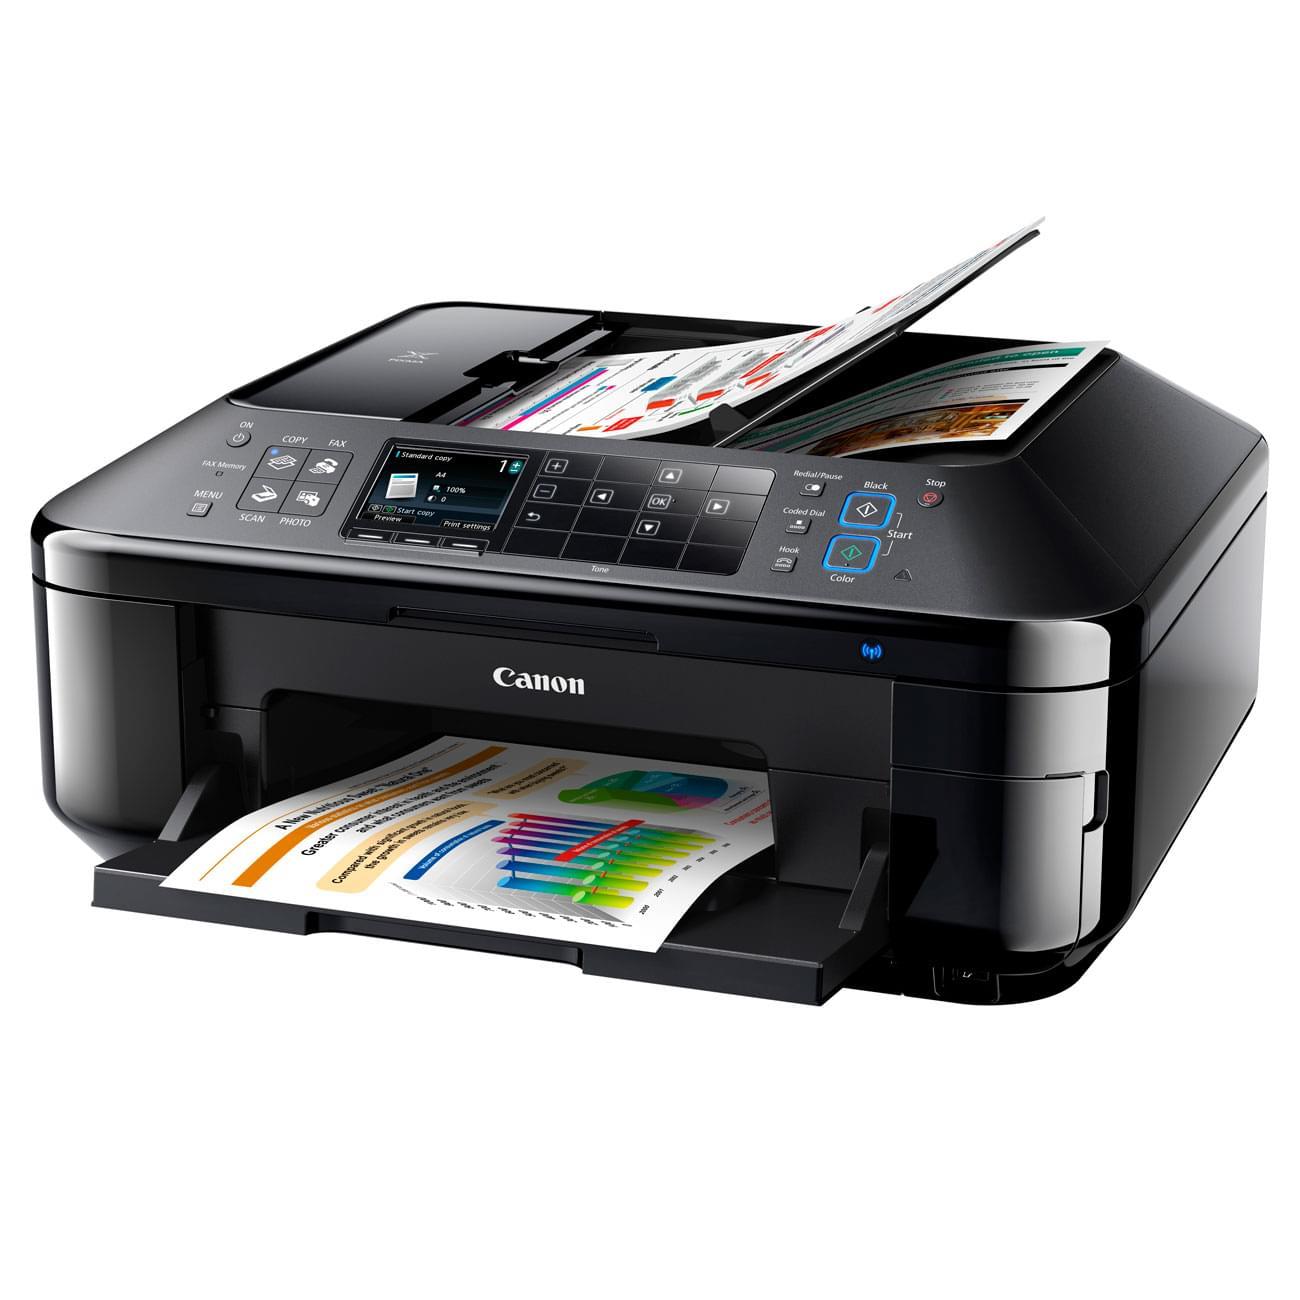 Imprimante multifonction Canon PIXMA MX895 - Cybertek.fr - 0